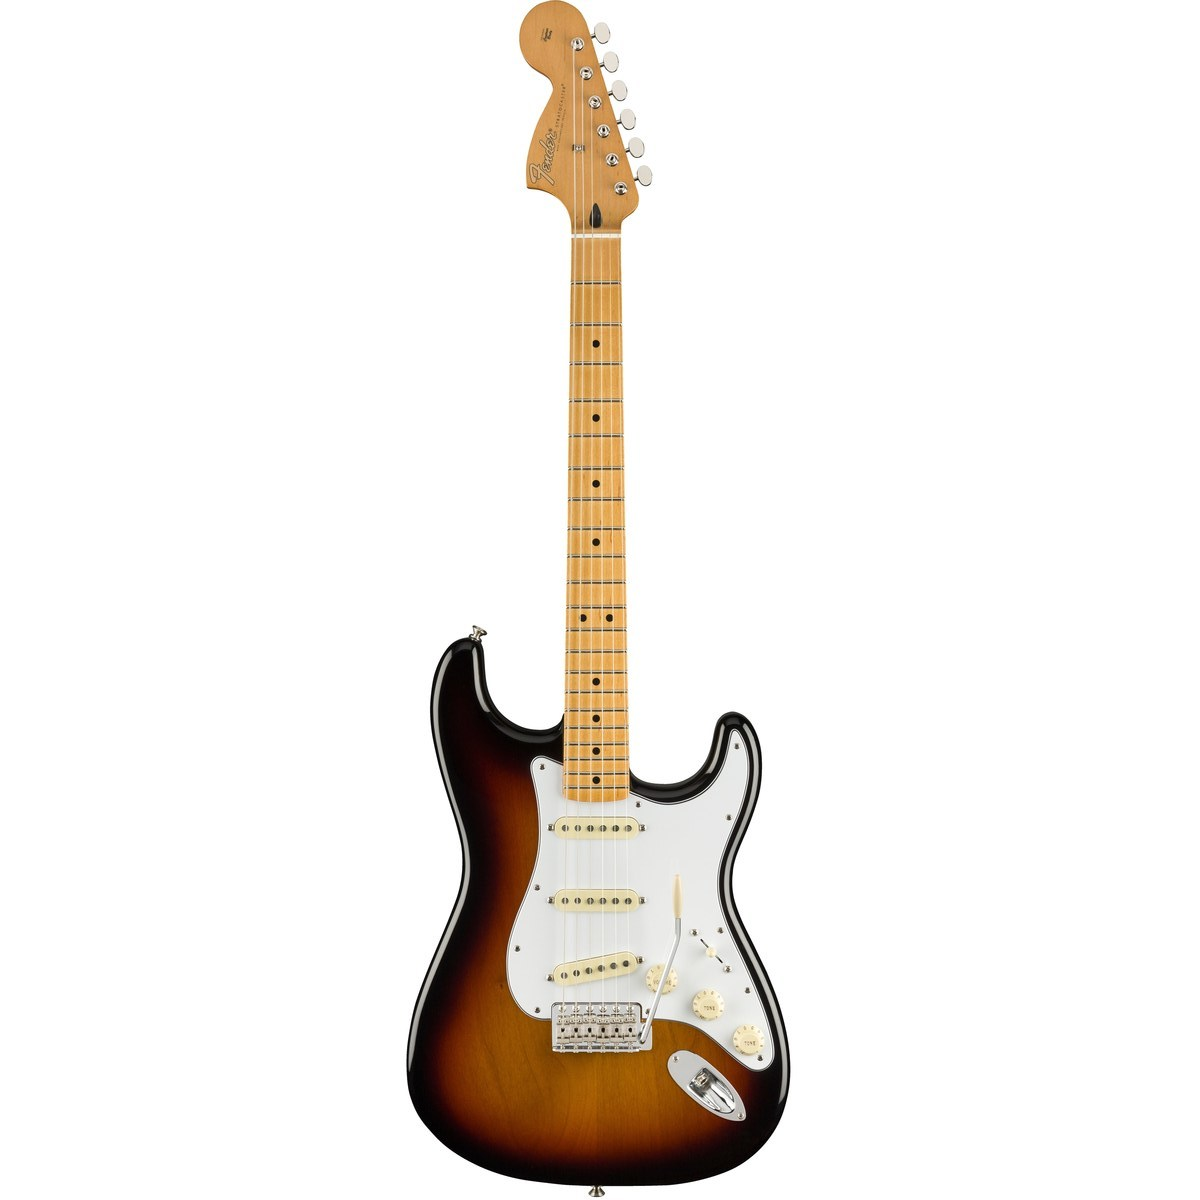 Billede af Fender Jimi Hendrix Stratocaster, MN, 3TS el-guitar 3-tone sunburst